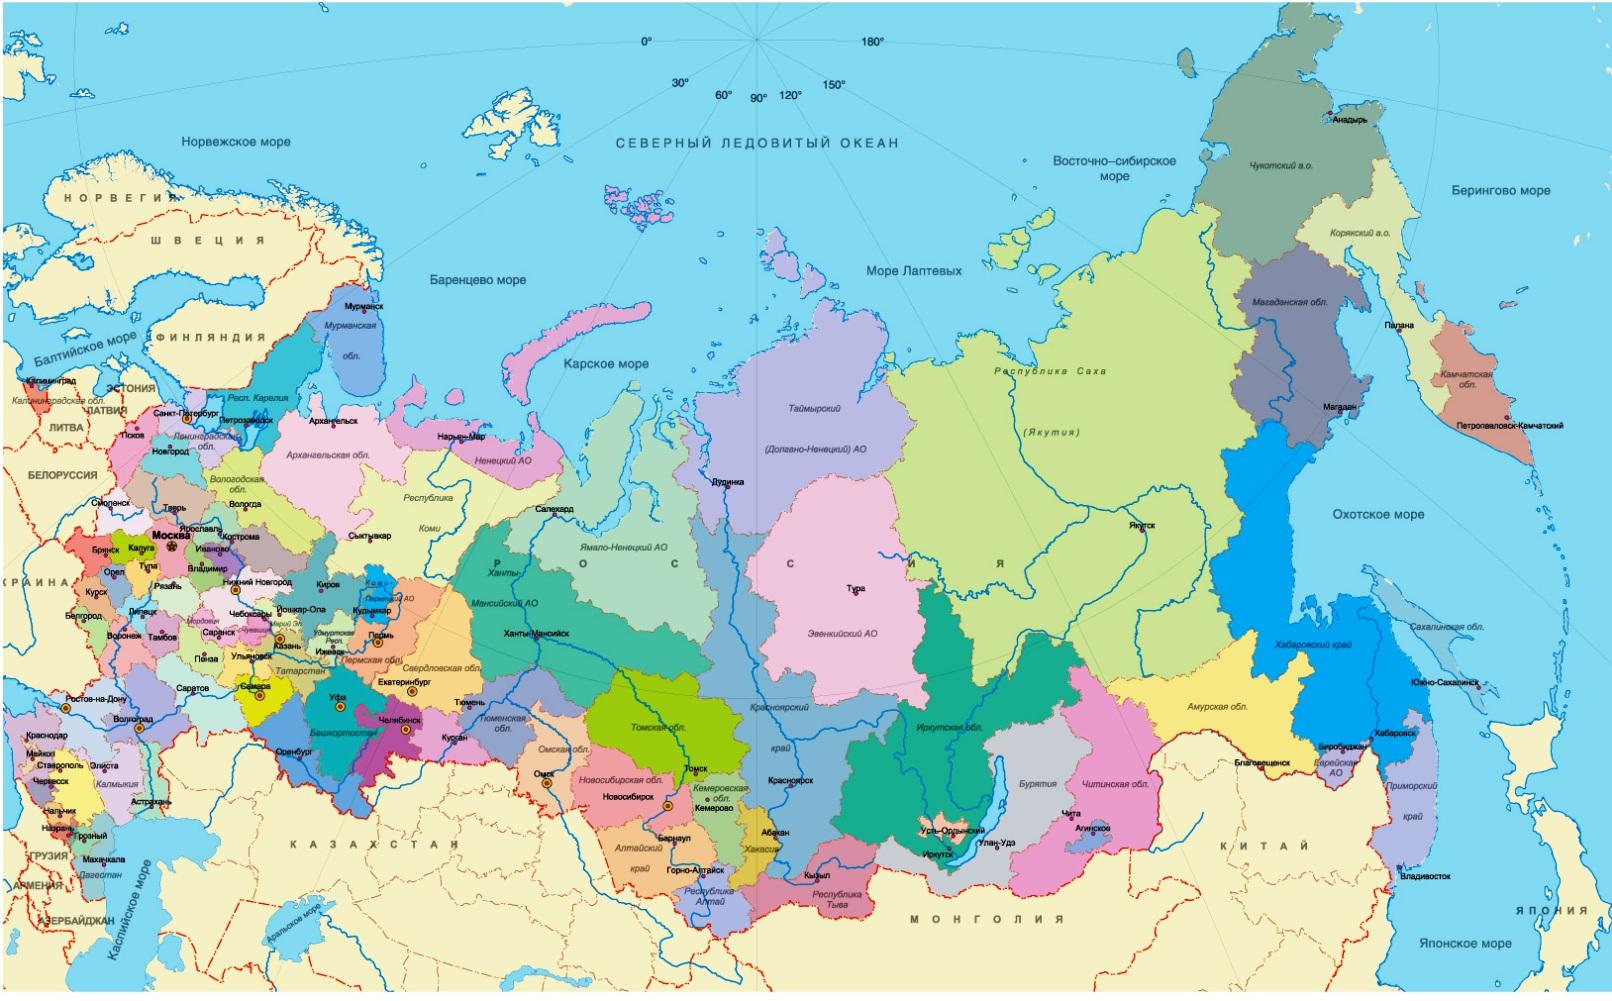 """Резервный фонд РФ и средства Фонда национального благосостояния могут быть """"проедены"""" уже в 2016 году, - Силуанов - Цензор.НЕТ 6819"""